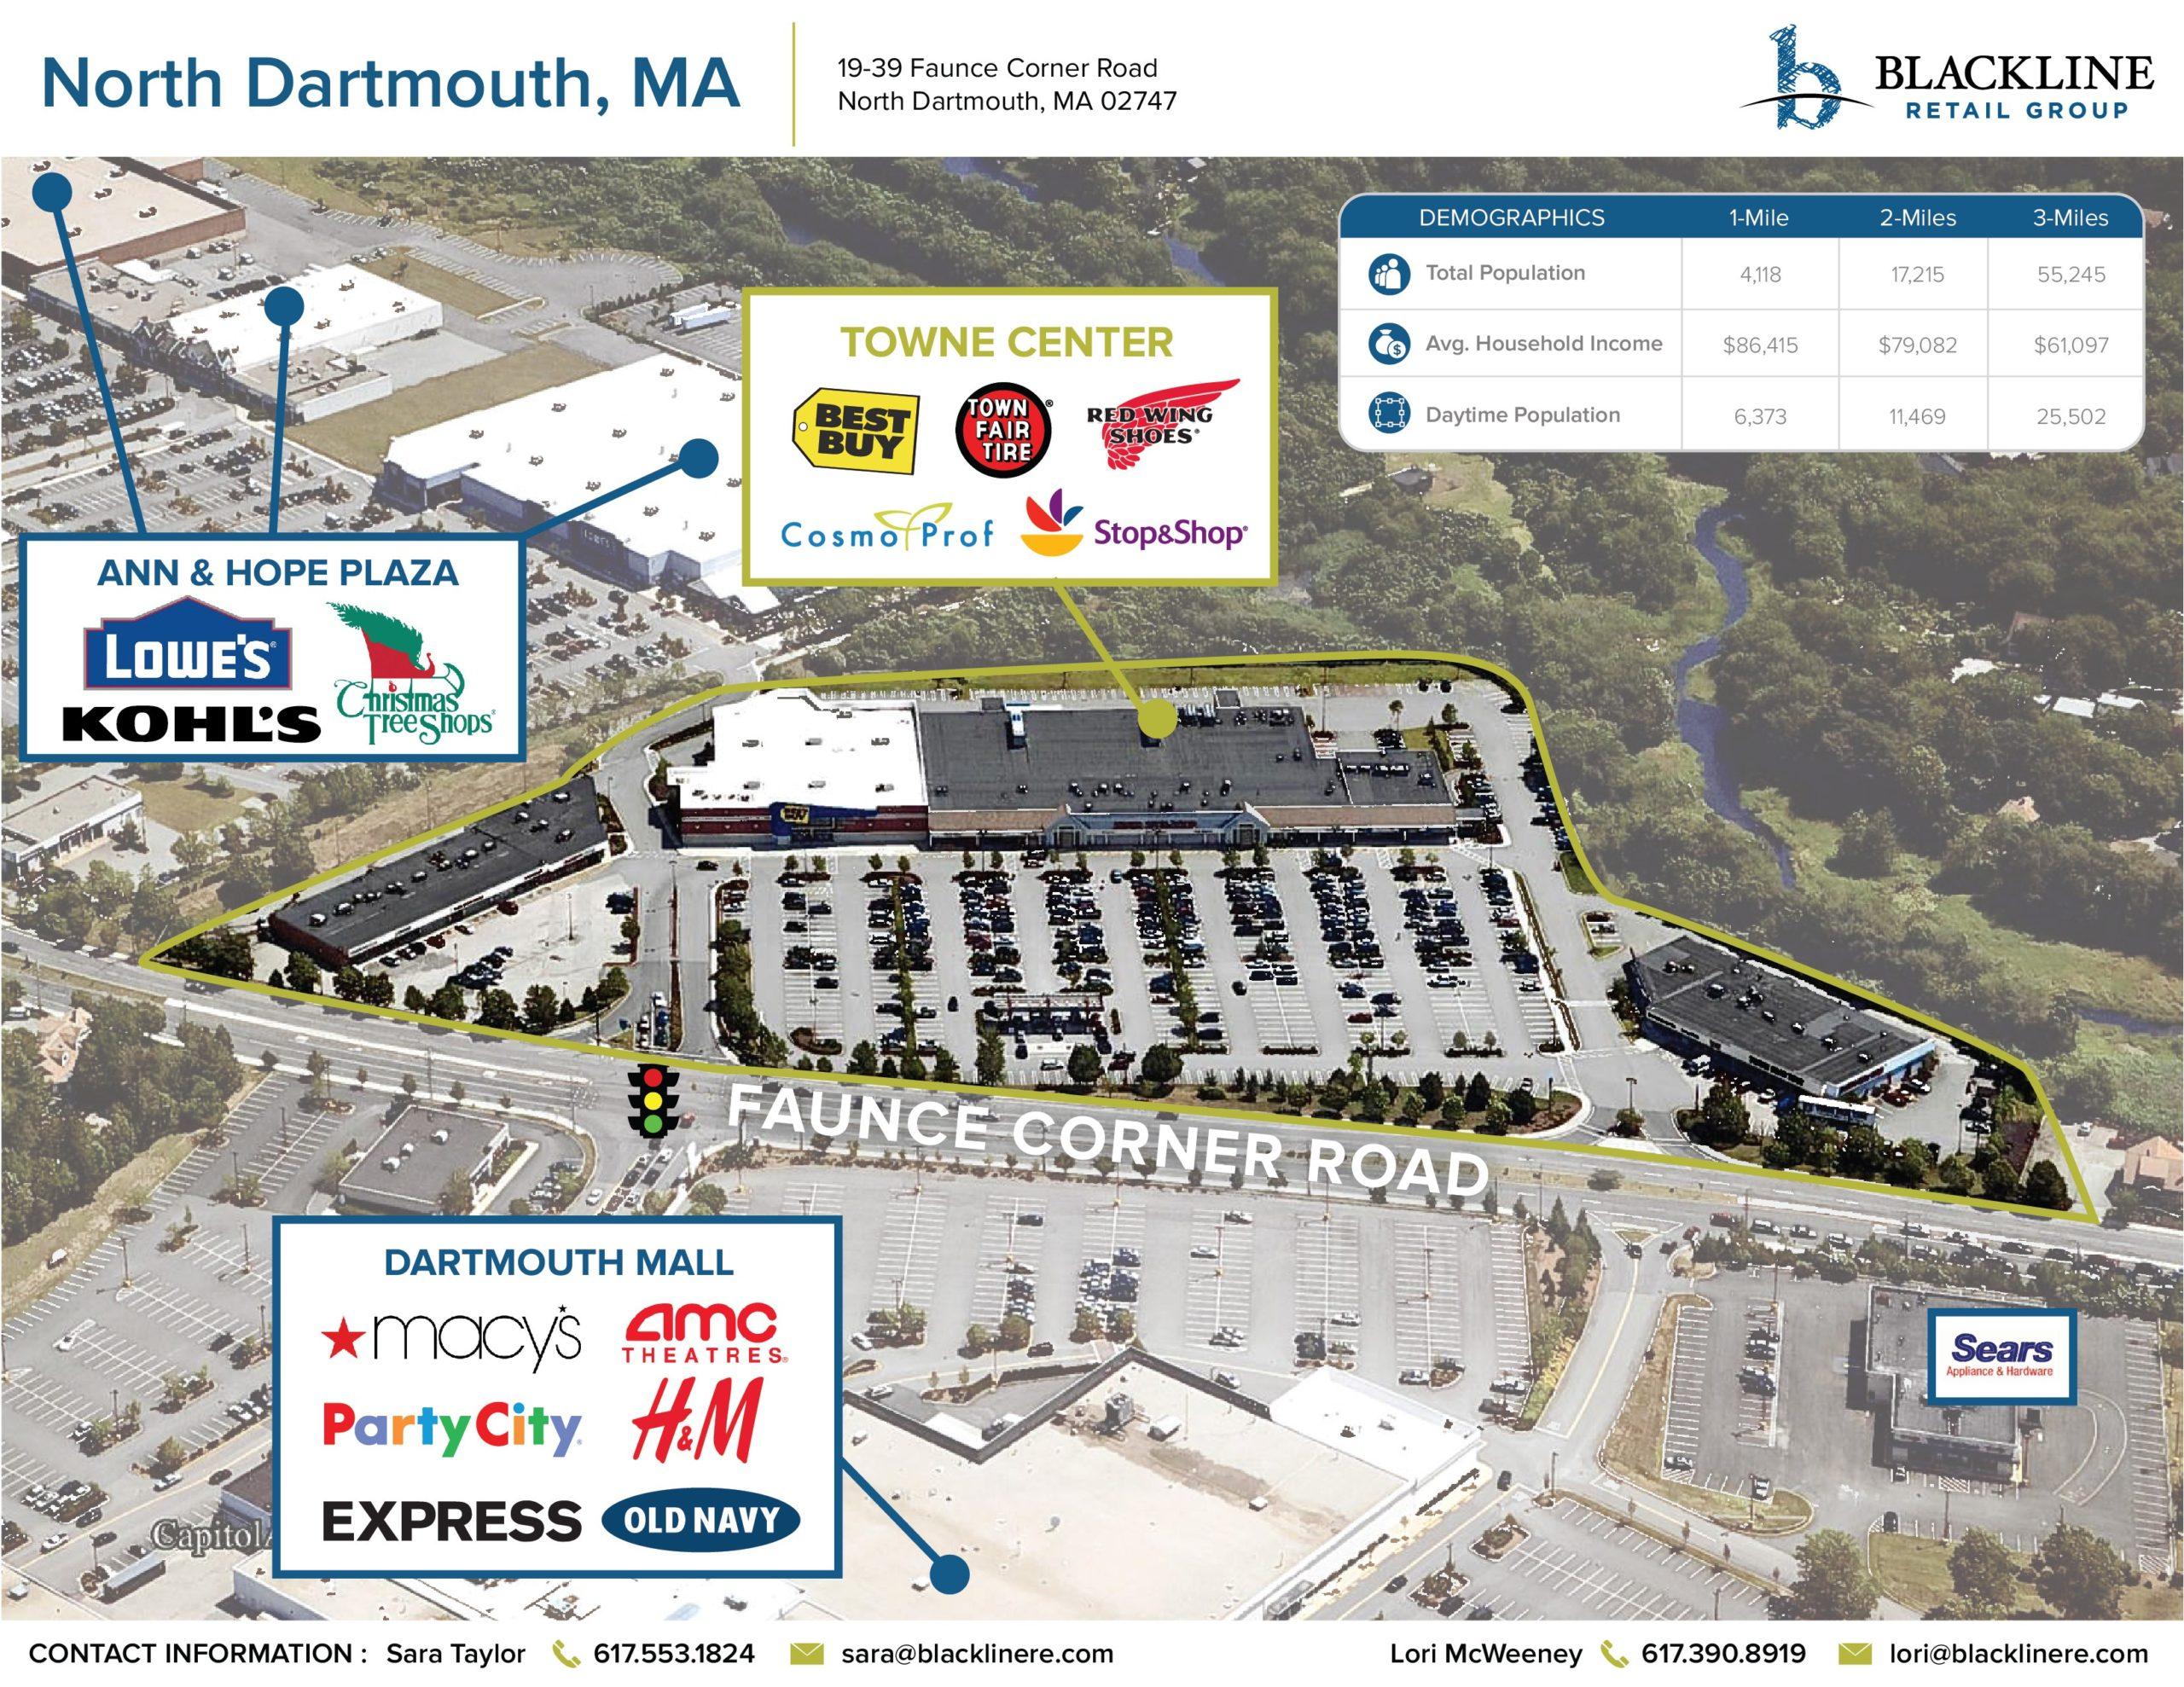 North Dartmouth MA Towne Center